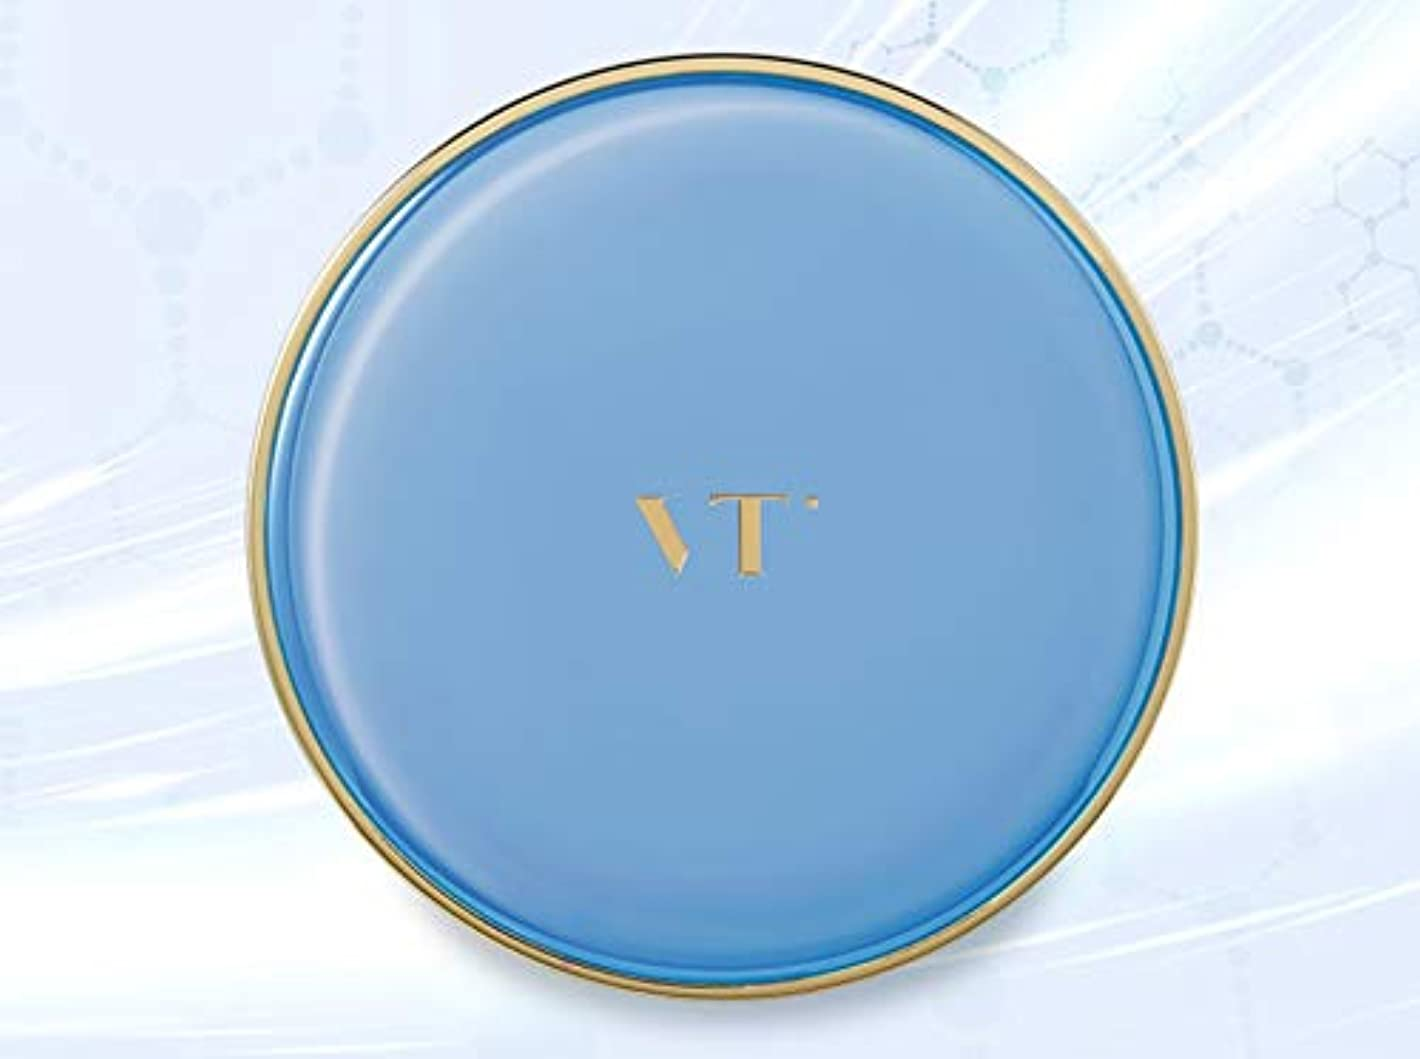 チェス胃郵便物VT ブルービタコラーゲンファクト SPF50+ PA+++ 11g / VT BLUE VITA COLLAGEN PACT 0.38 OZ [並行輸入品]